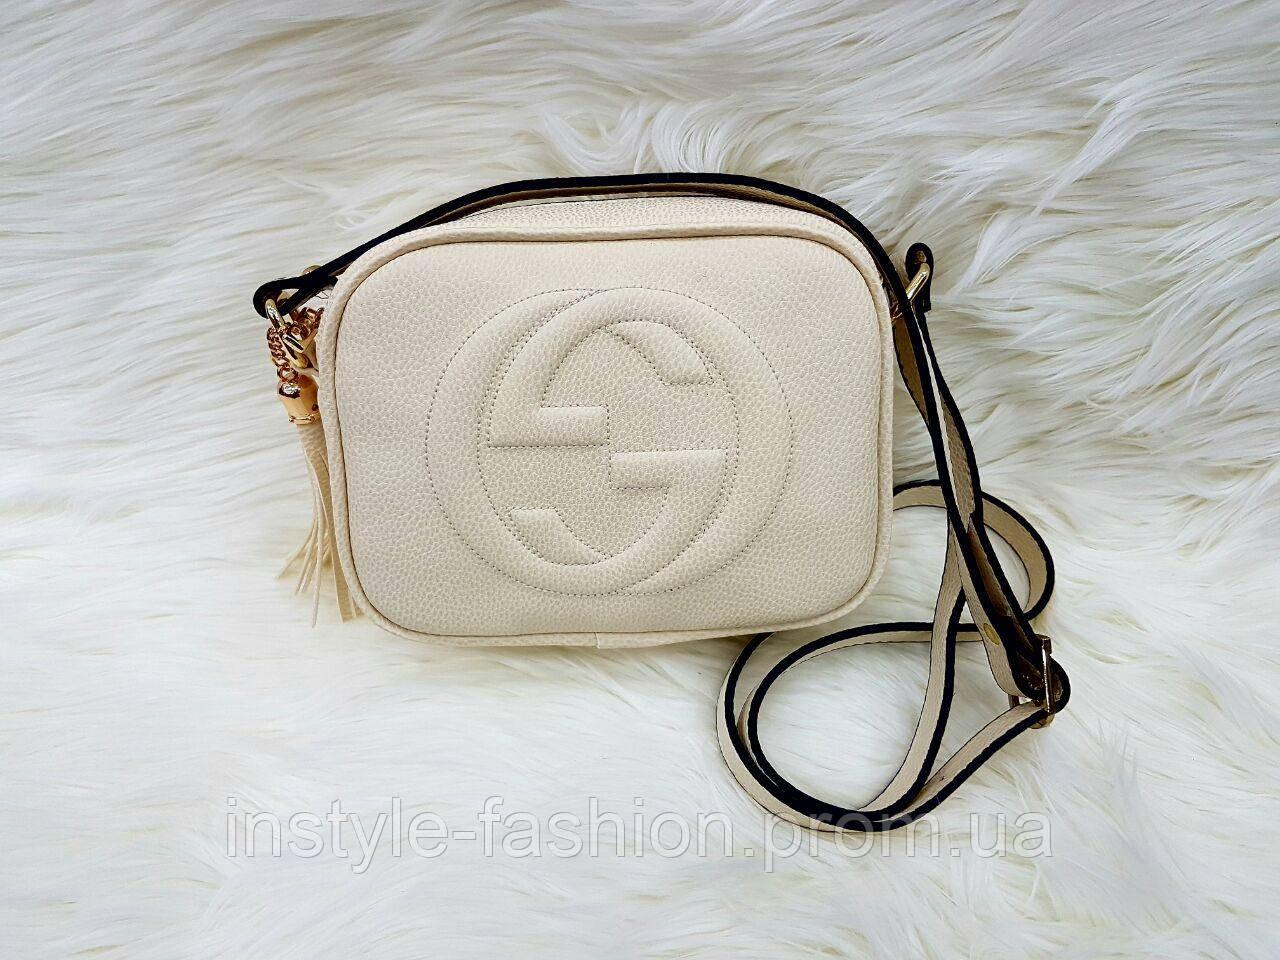 Сумка клатч через плечо Gucci Гуччи белая - Сумки брендовые, кошельки, очки,  женская 157bae07284